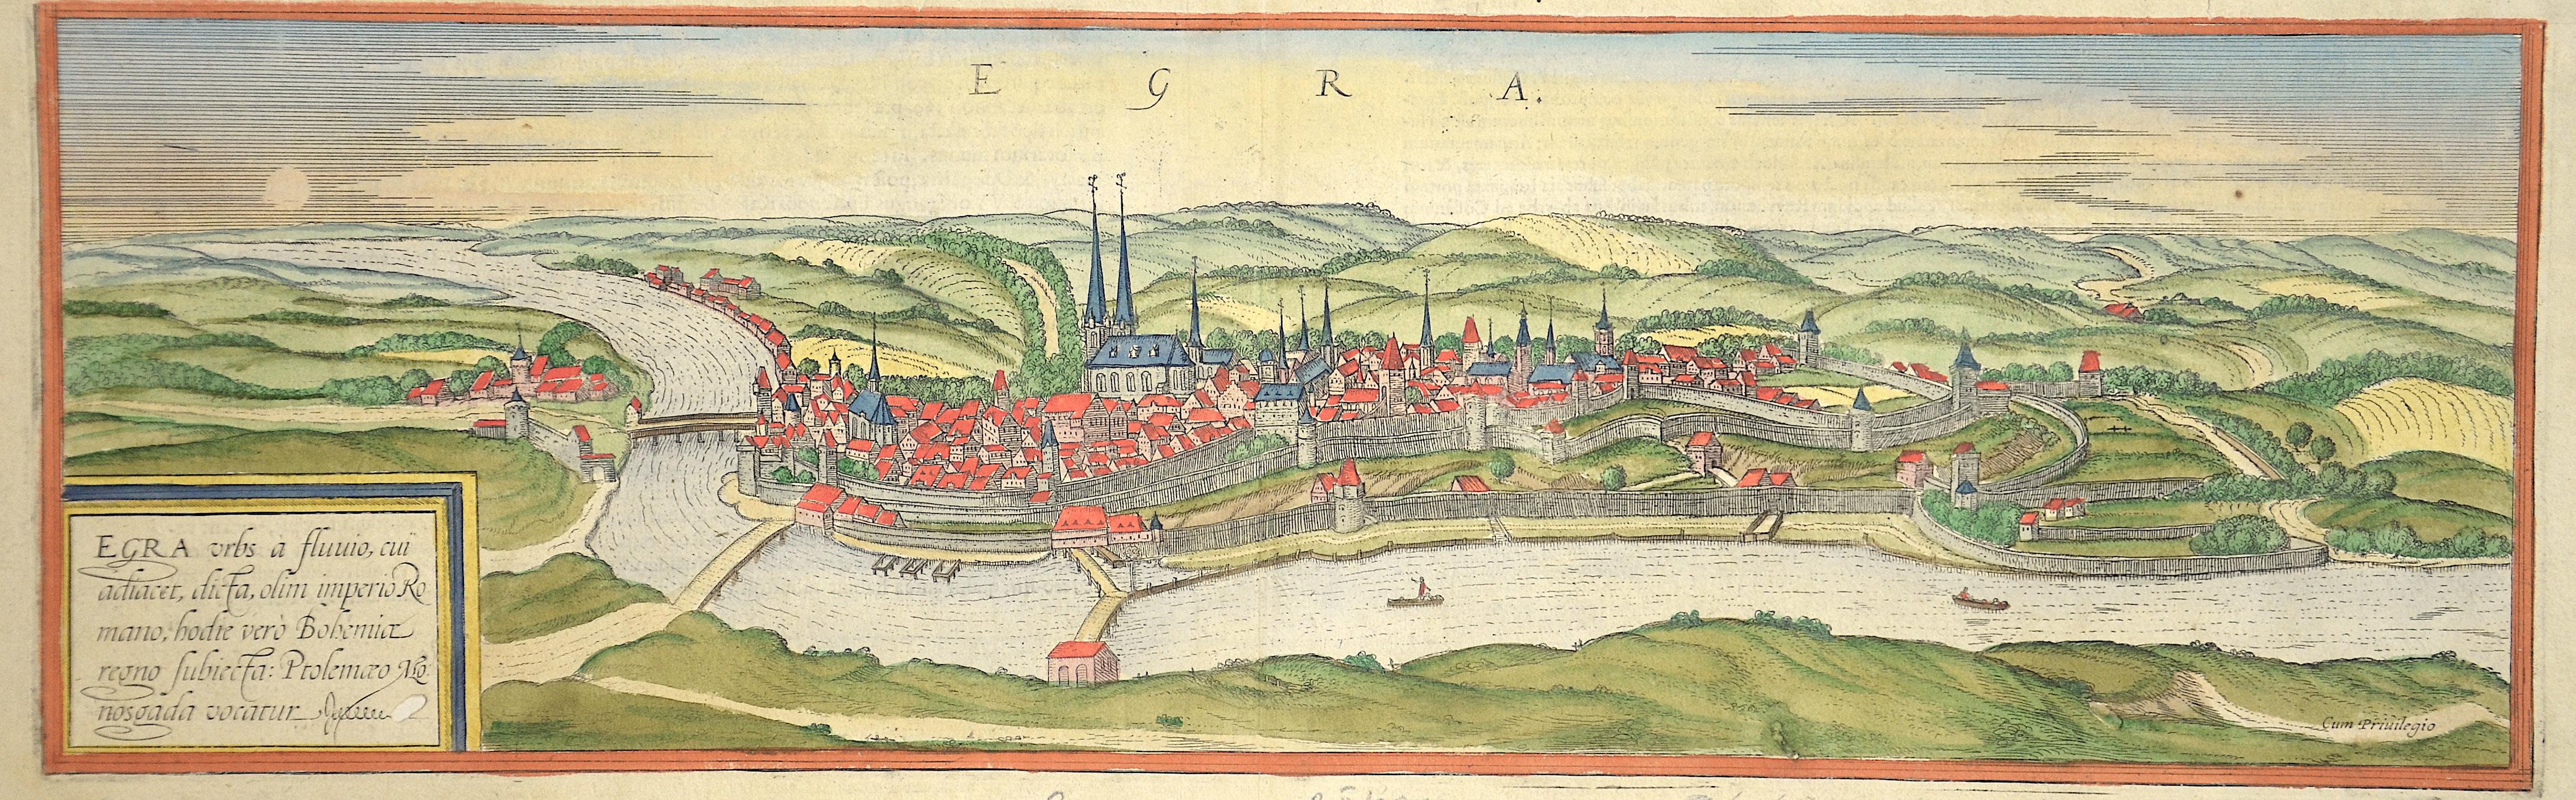 Braun/Hogenberg Franz/ Georg Egra urbs a fluuio, cui adiacet ……